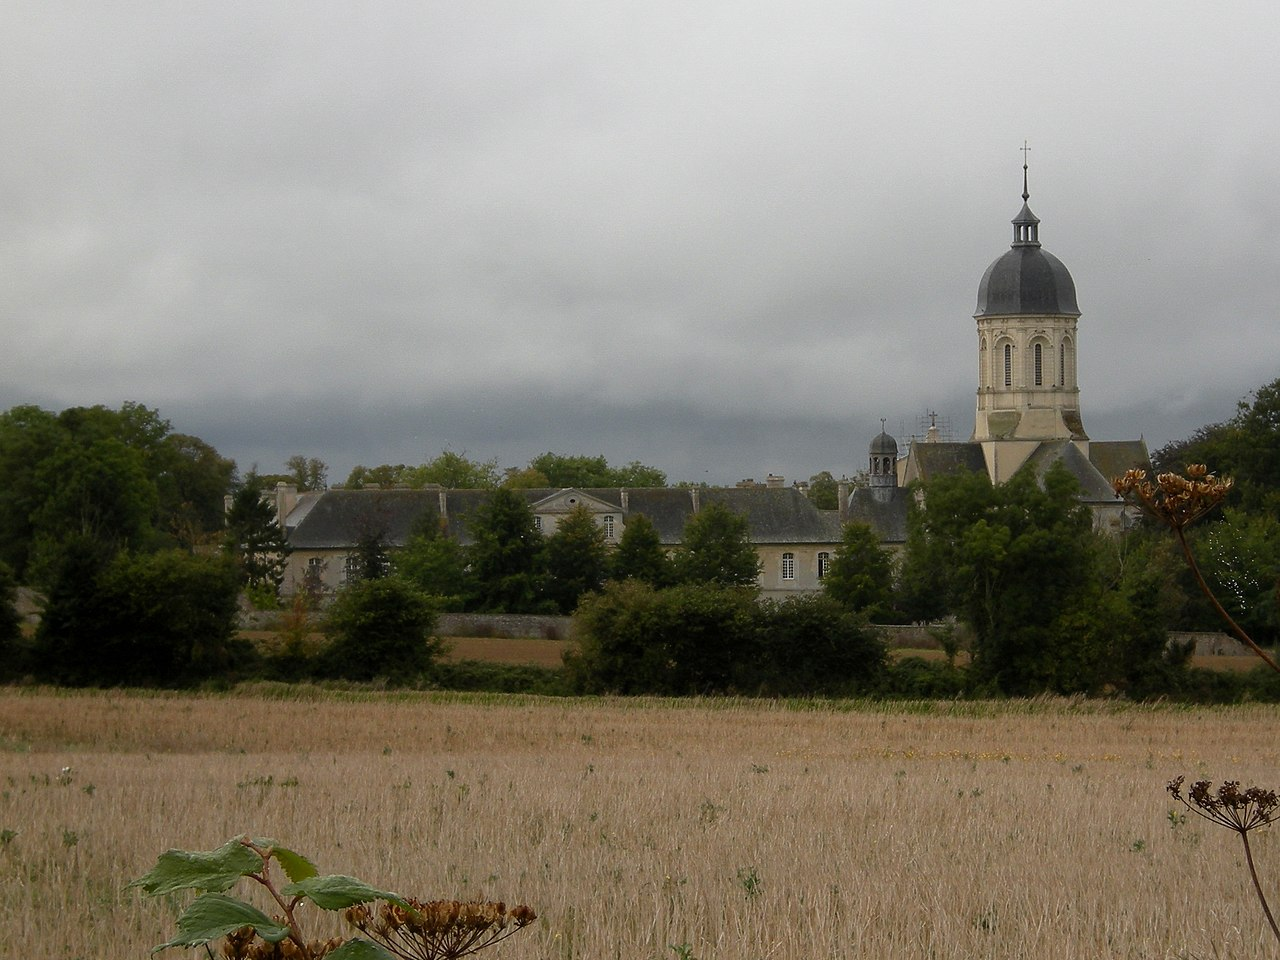 Abbaye de Mondaye (Normandie) © wikimedia commons / NemesisIII